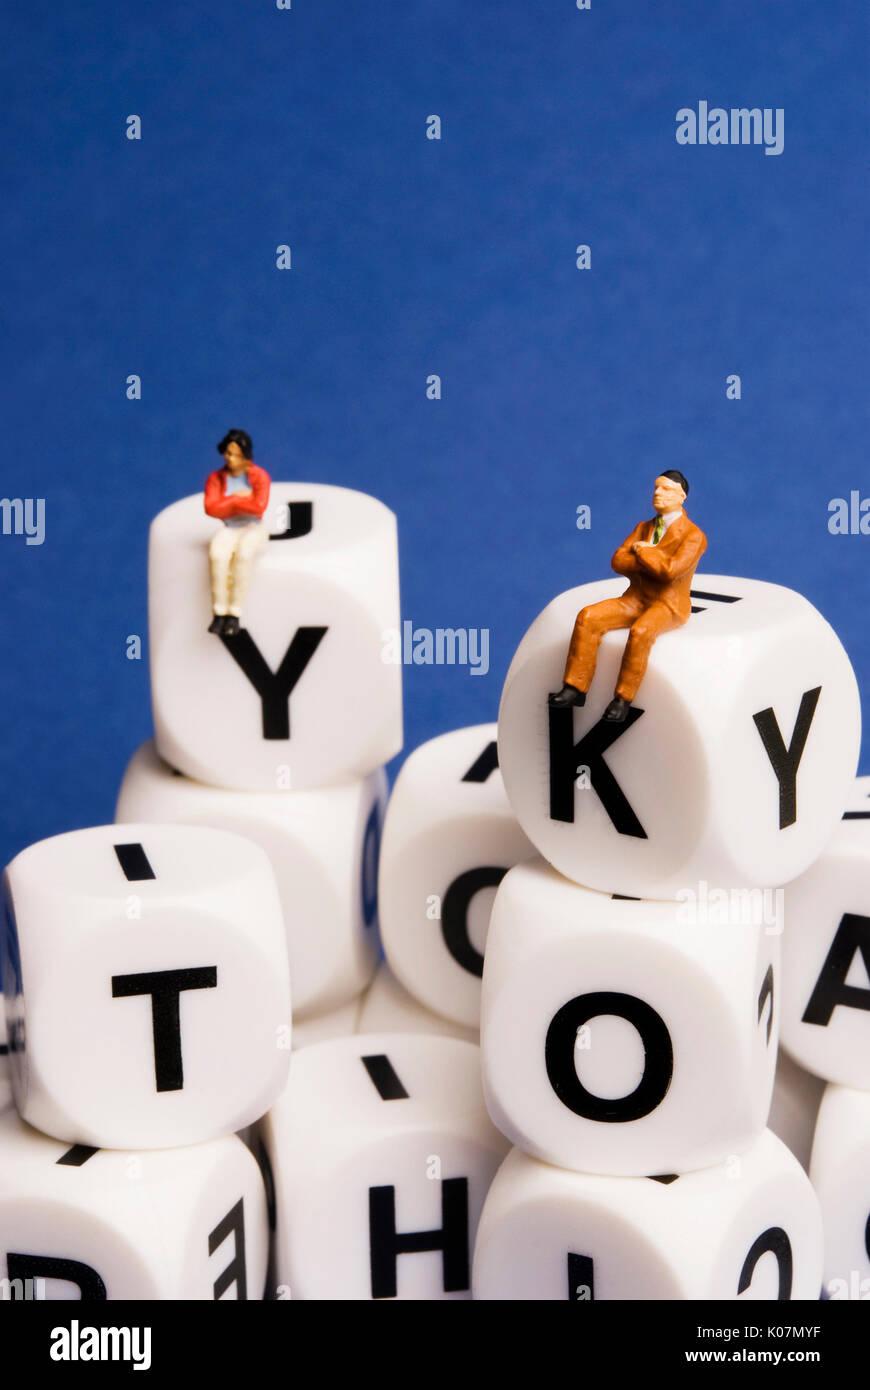 Minifigürchen sitzen auf Würfel mit Buchstaben des Alphabets, social media Konzept Stockbild